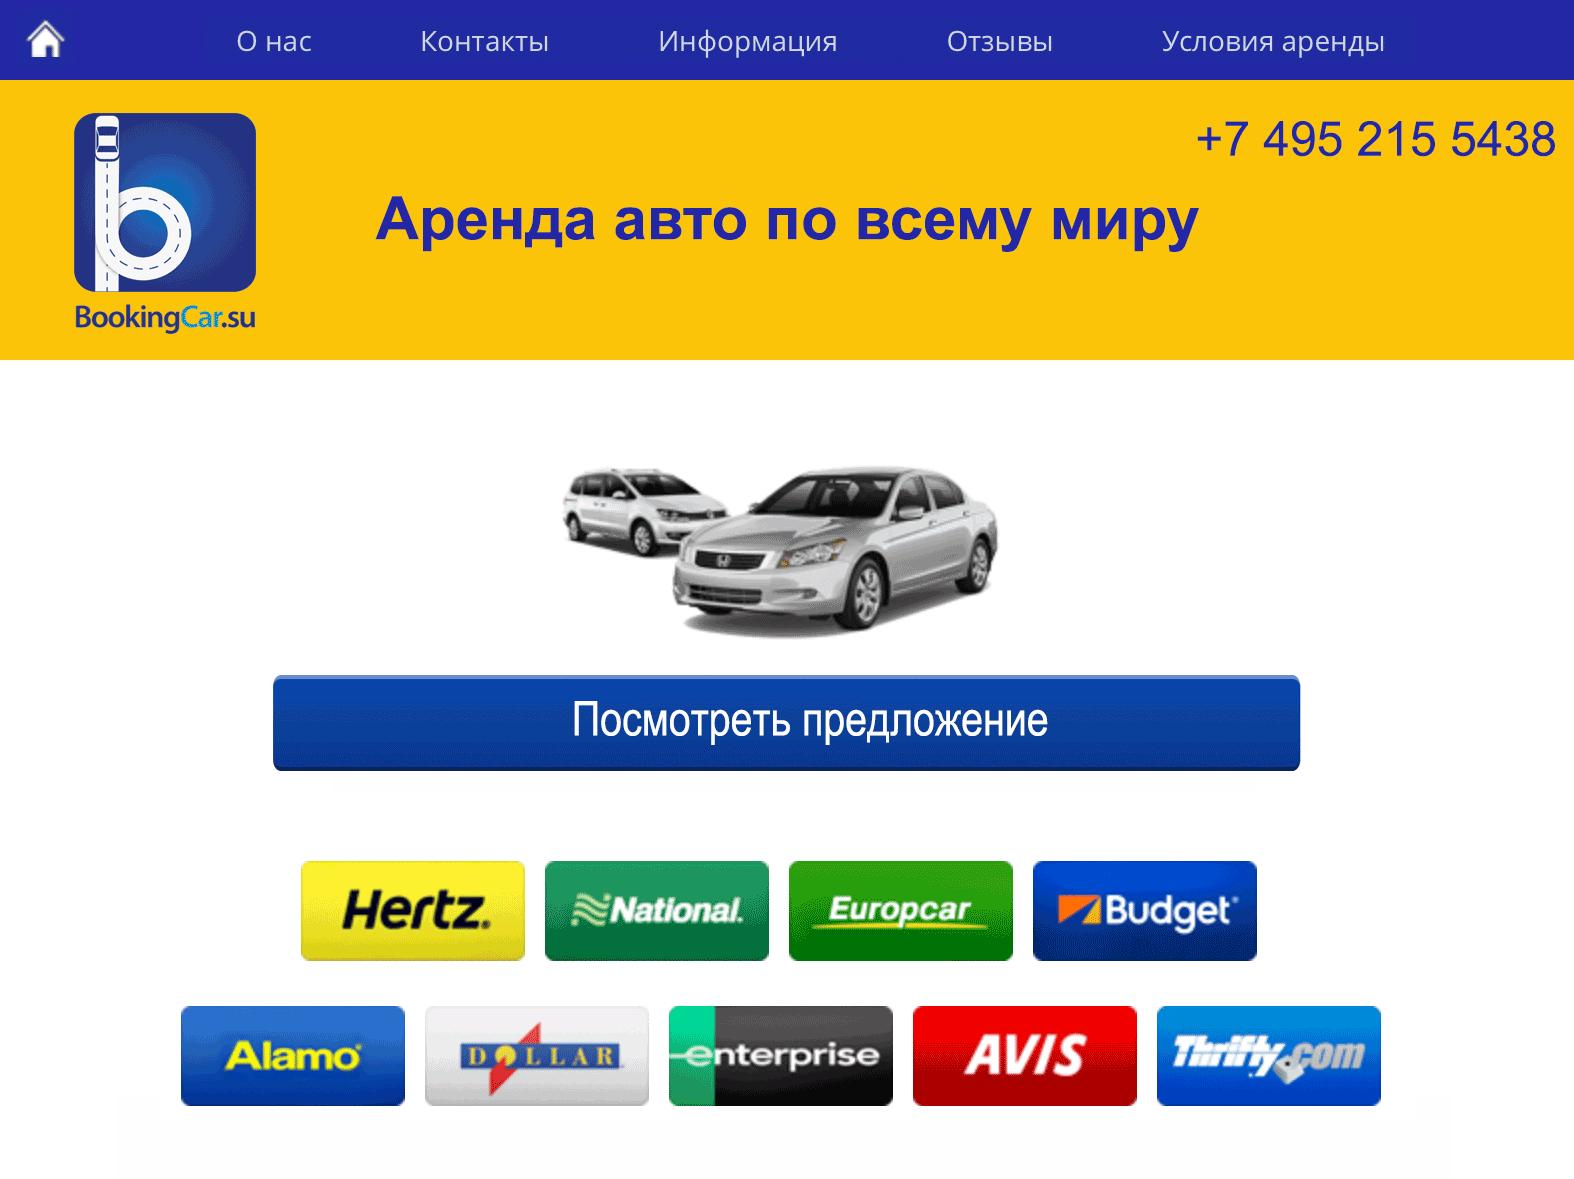 bookingcar.su